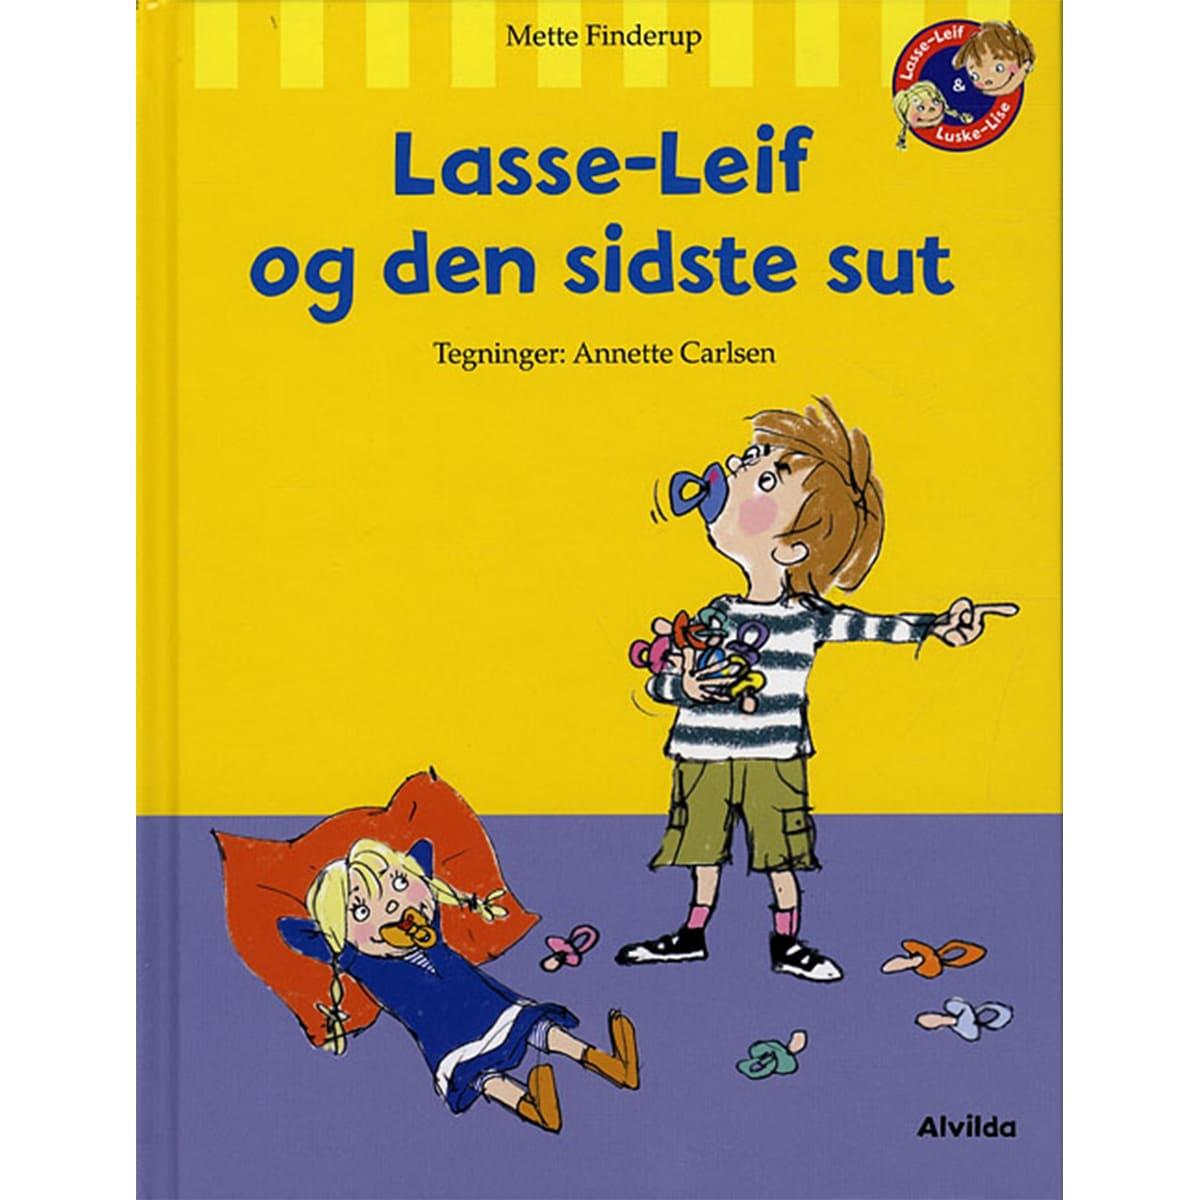 Af Mette Finderup